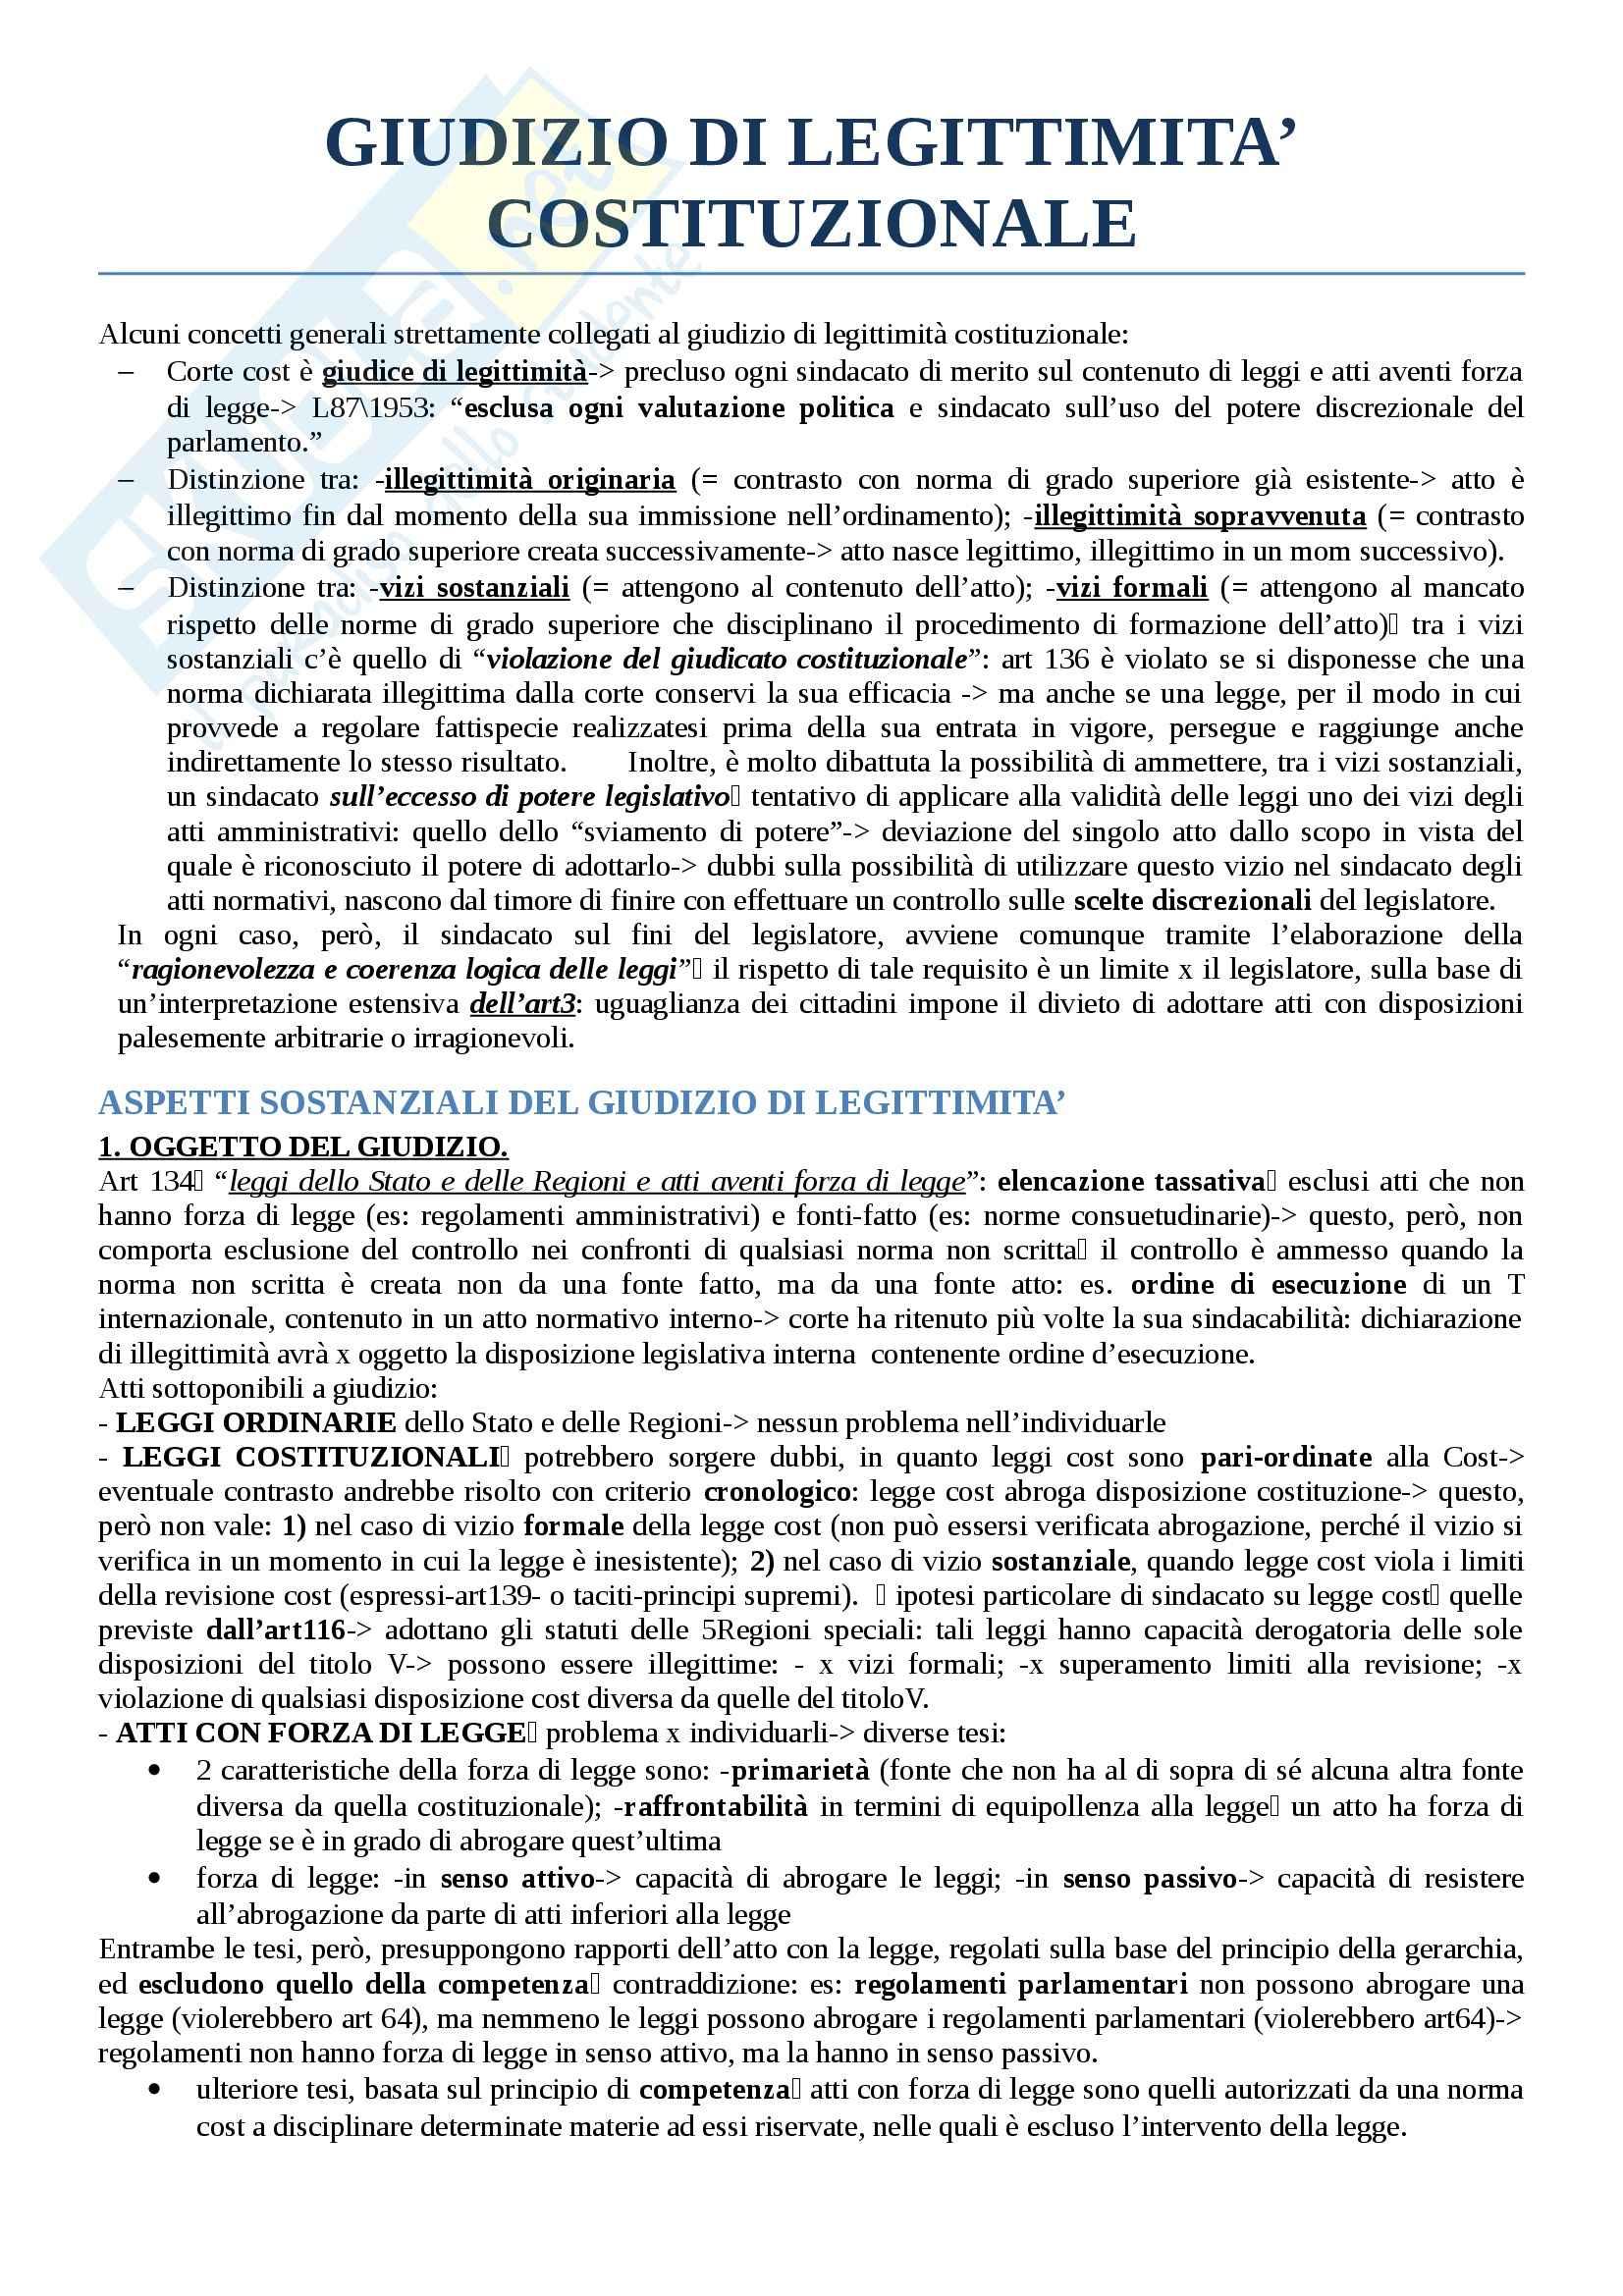 Riassunto esame diritto costituzionale, prof. Cicconetti, testo consigliato Lezioni di Giustizia costituzionale, Cicconetti Pag. 2